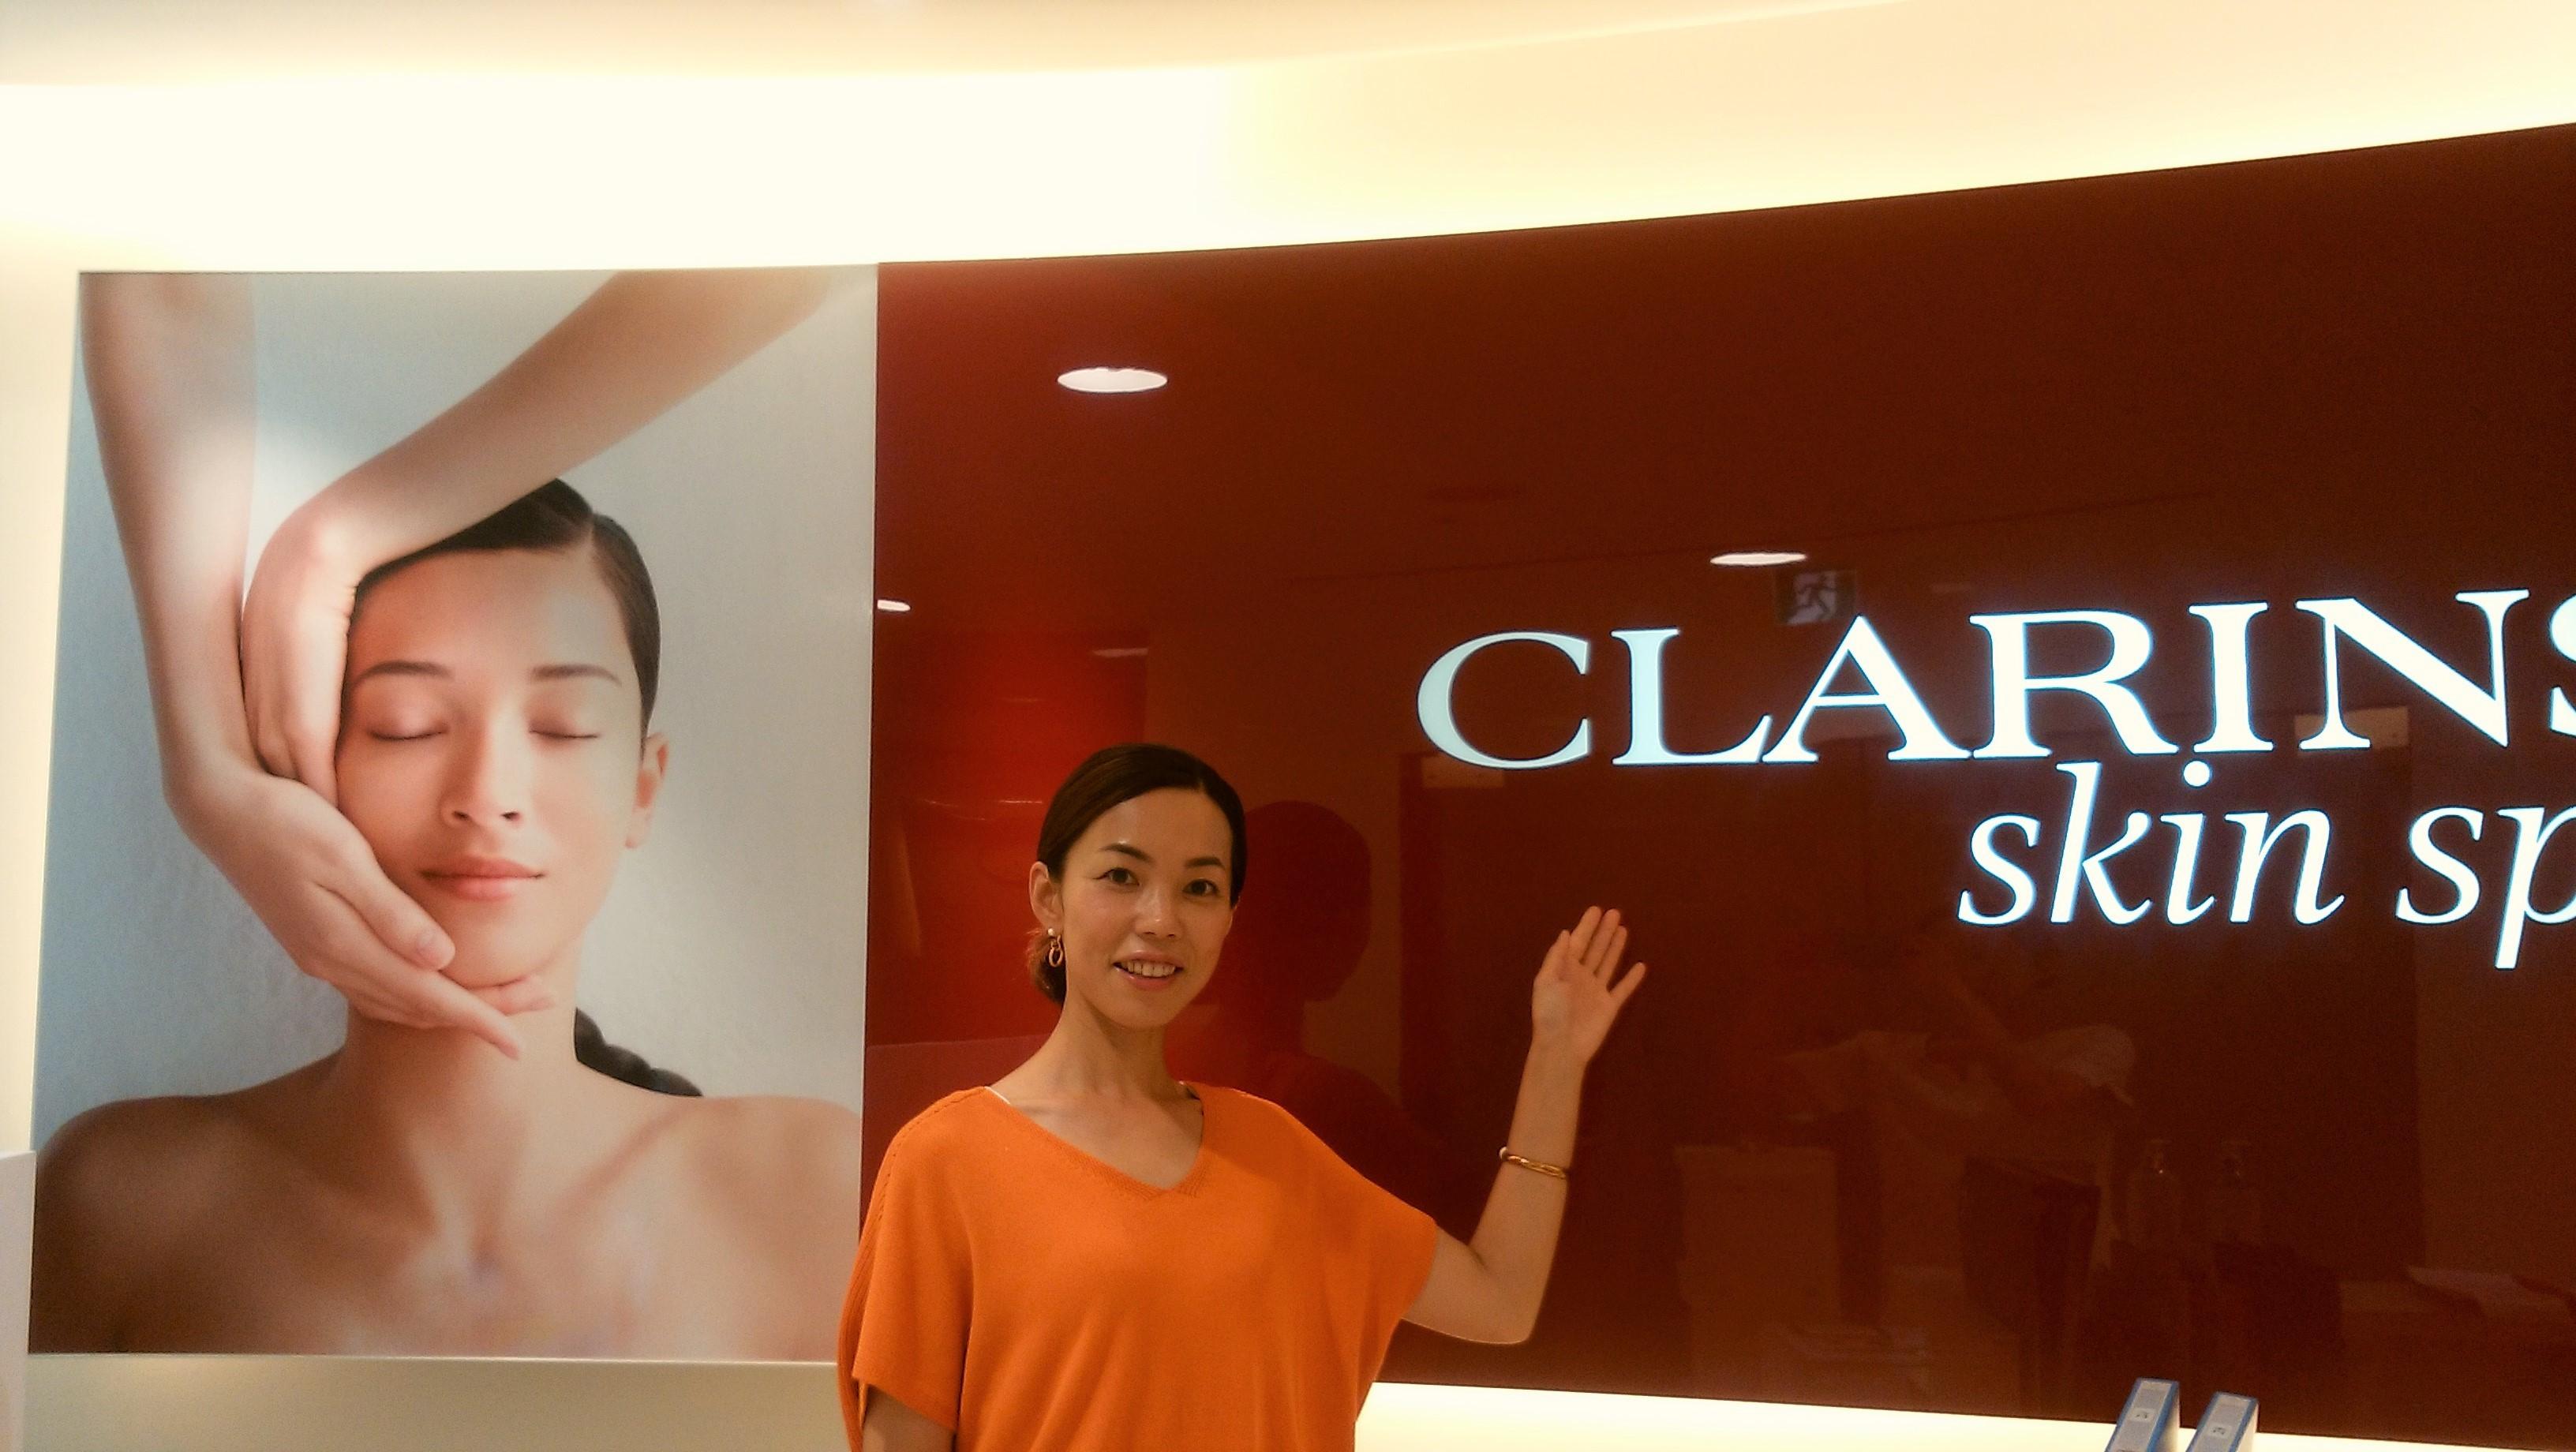 「CLARINS skin spa」 で夏のお肌のお手入れ♡_1_3